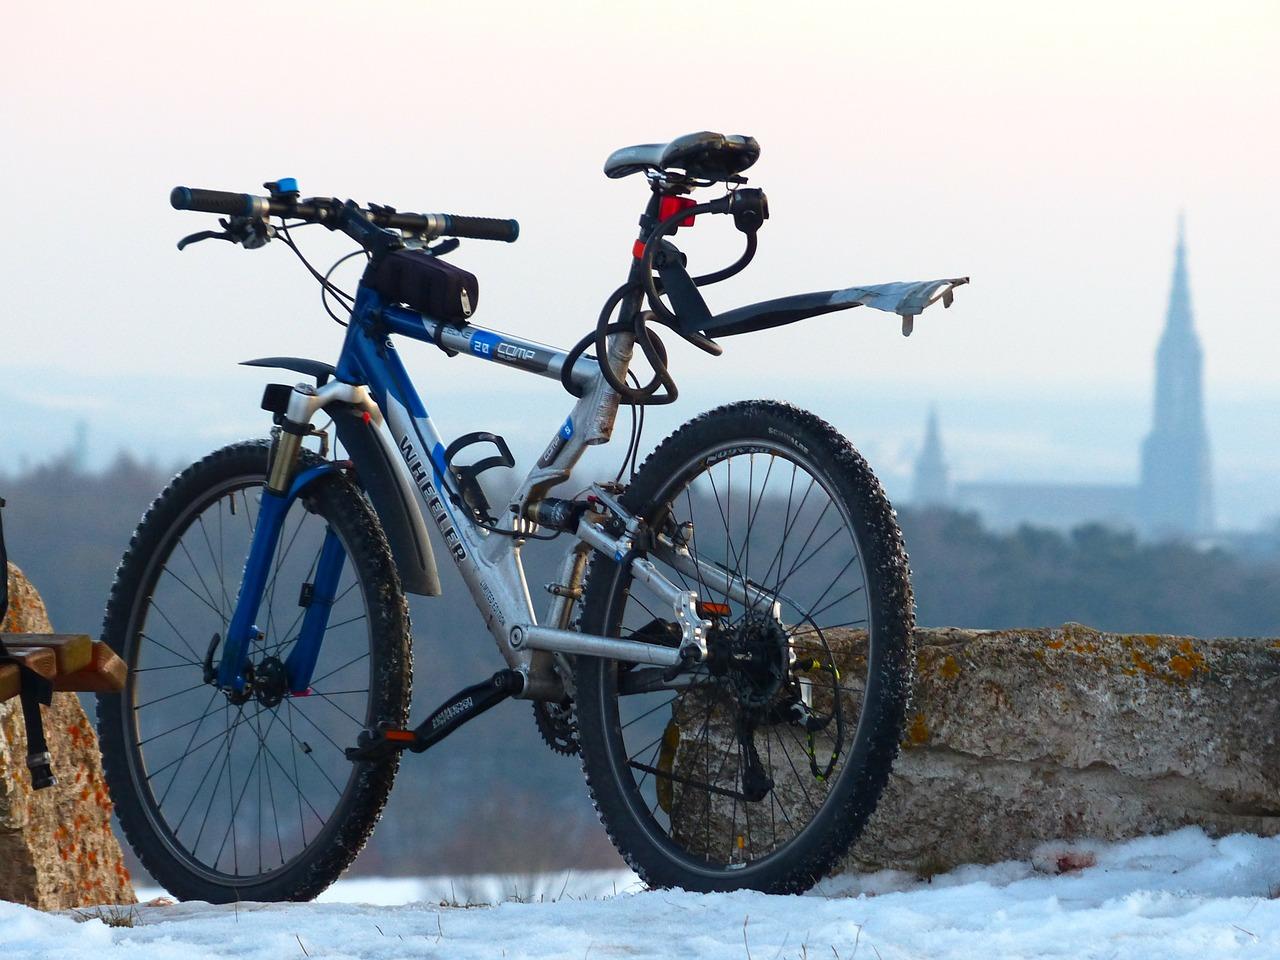 Migliori mountain bike: classifica degli sconti